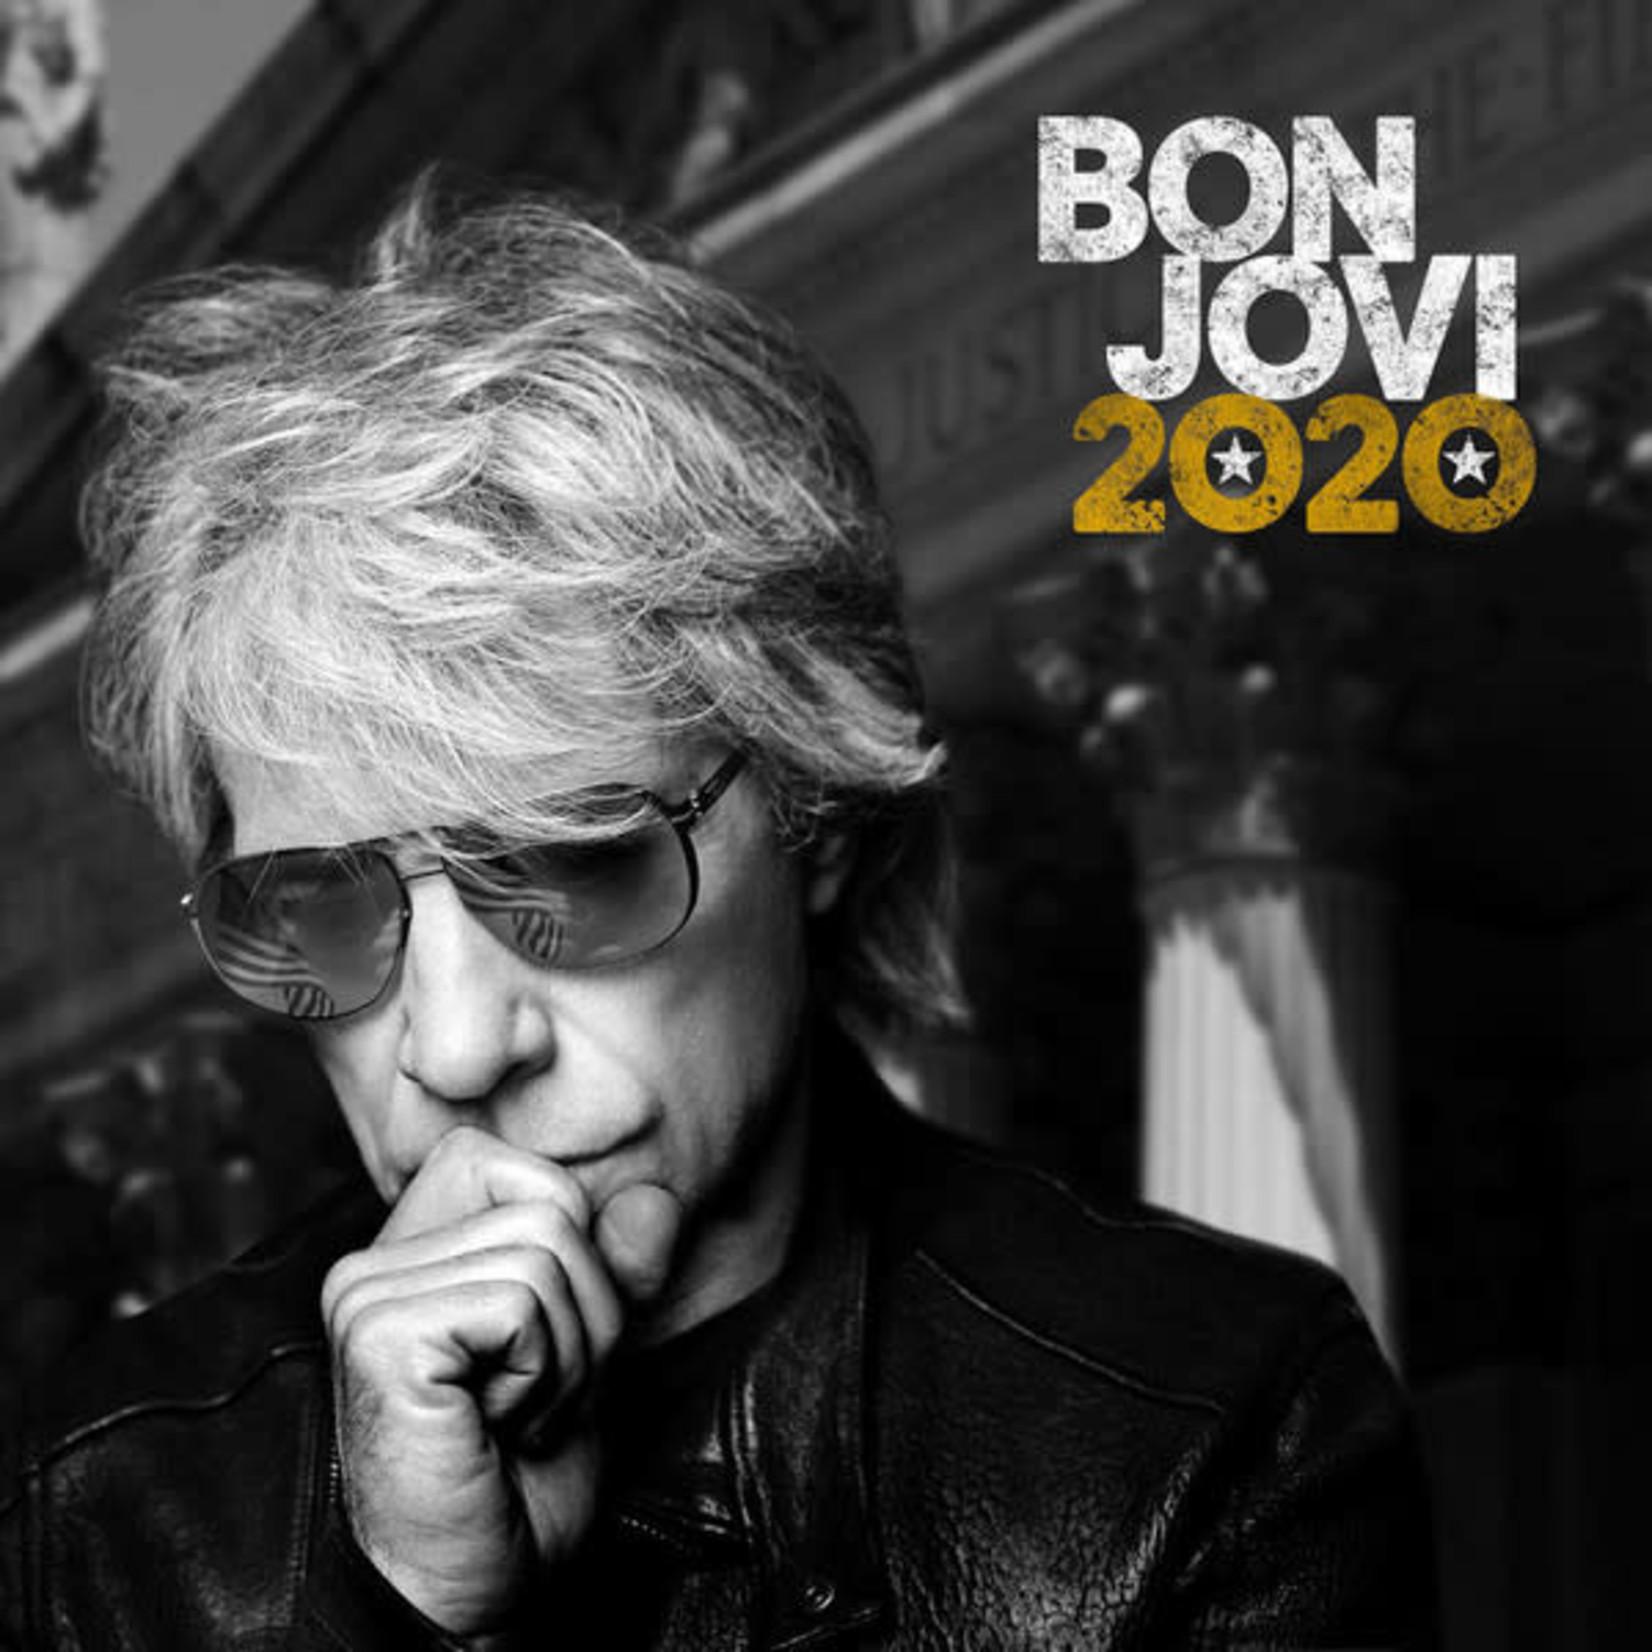 BON JOVI BON JOVI 2020 (2LP)